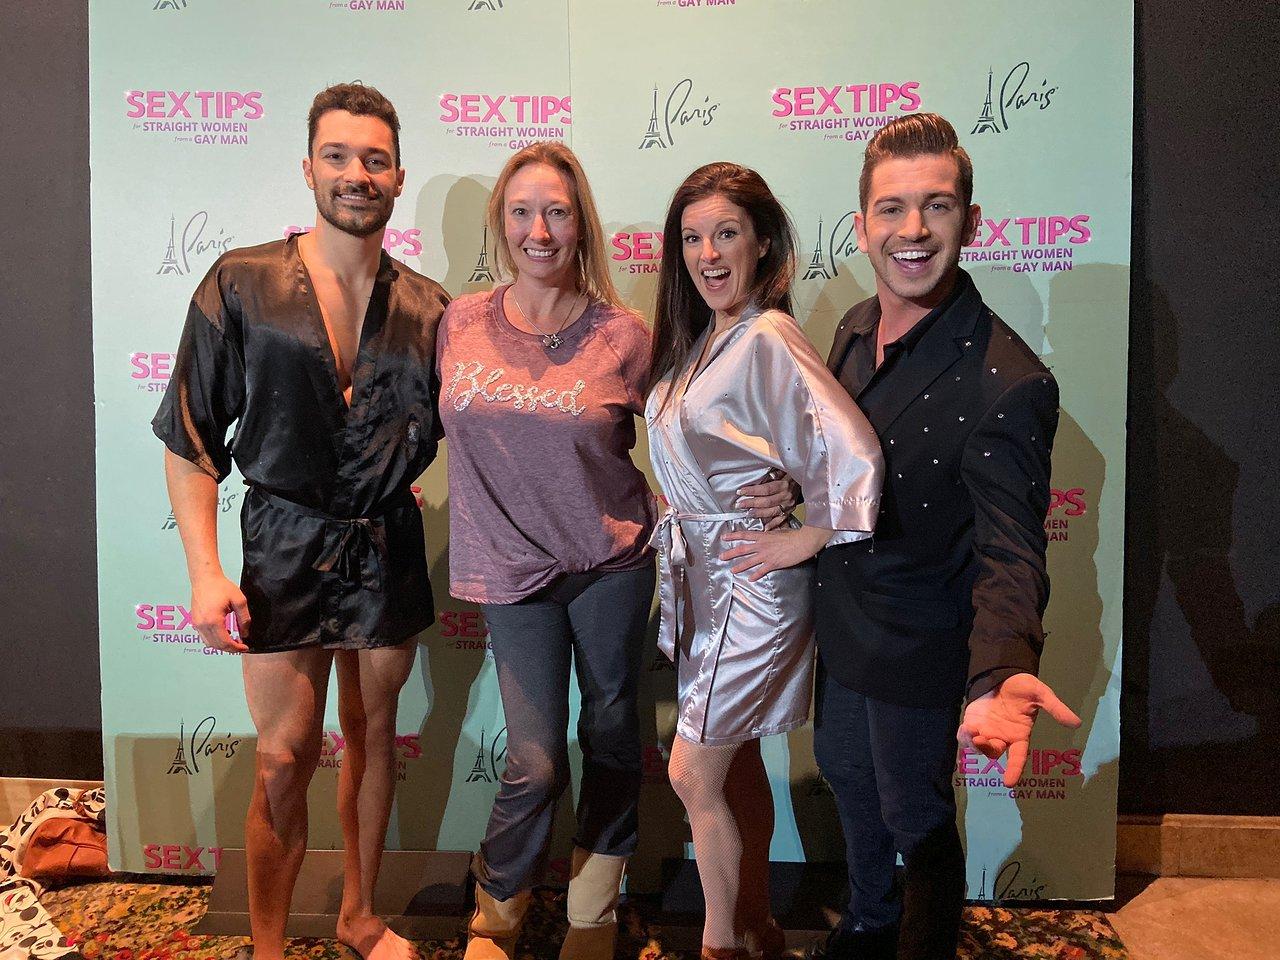 miejsca dla gejów w Las Vegas zdobądźmy to na stronie randkowej